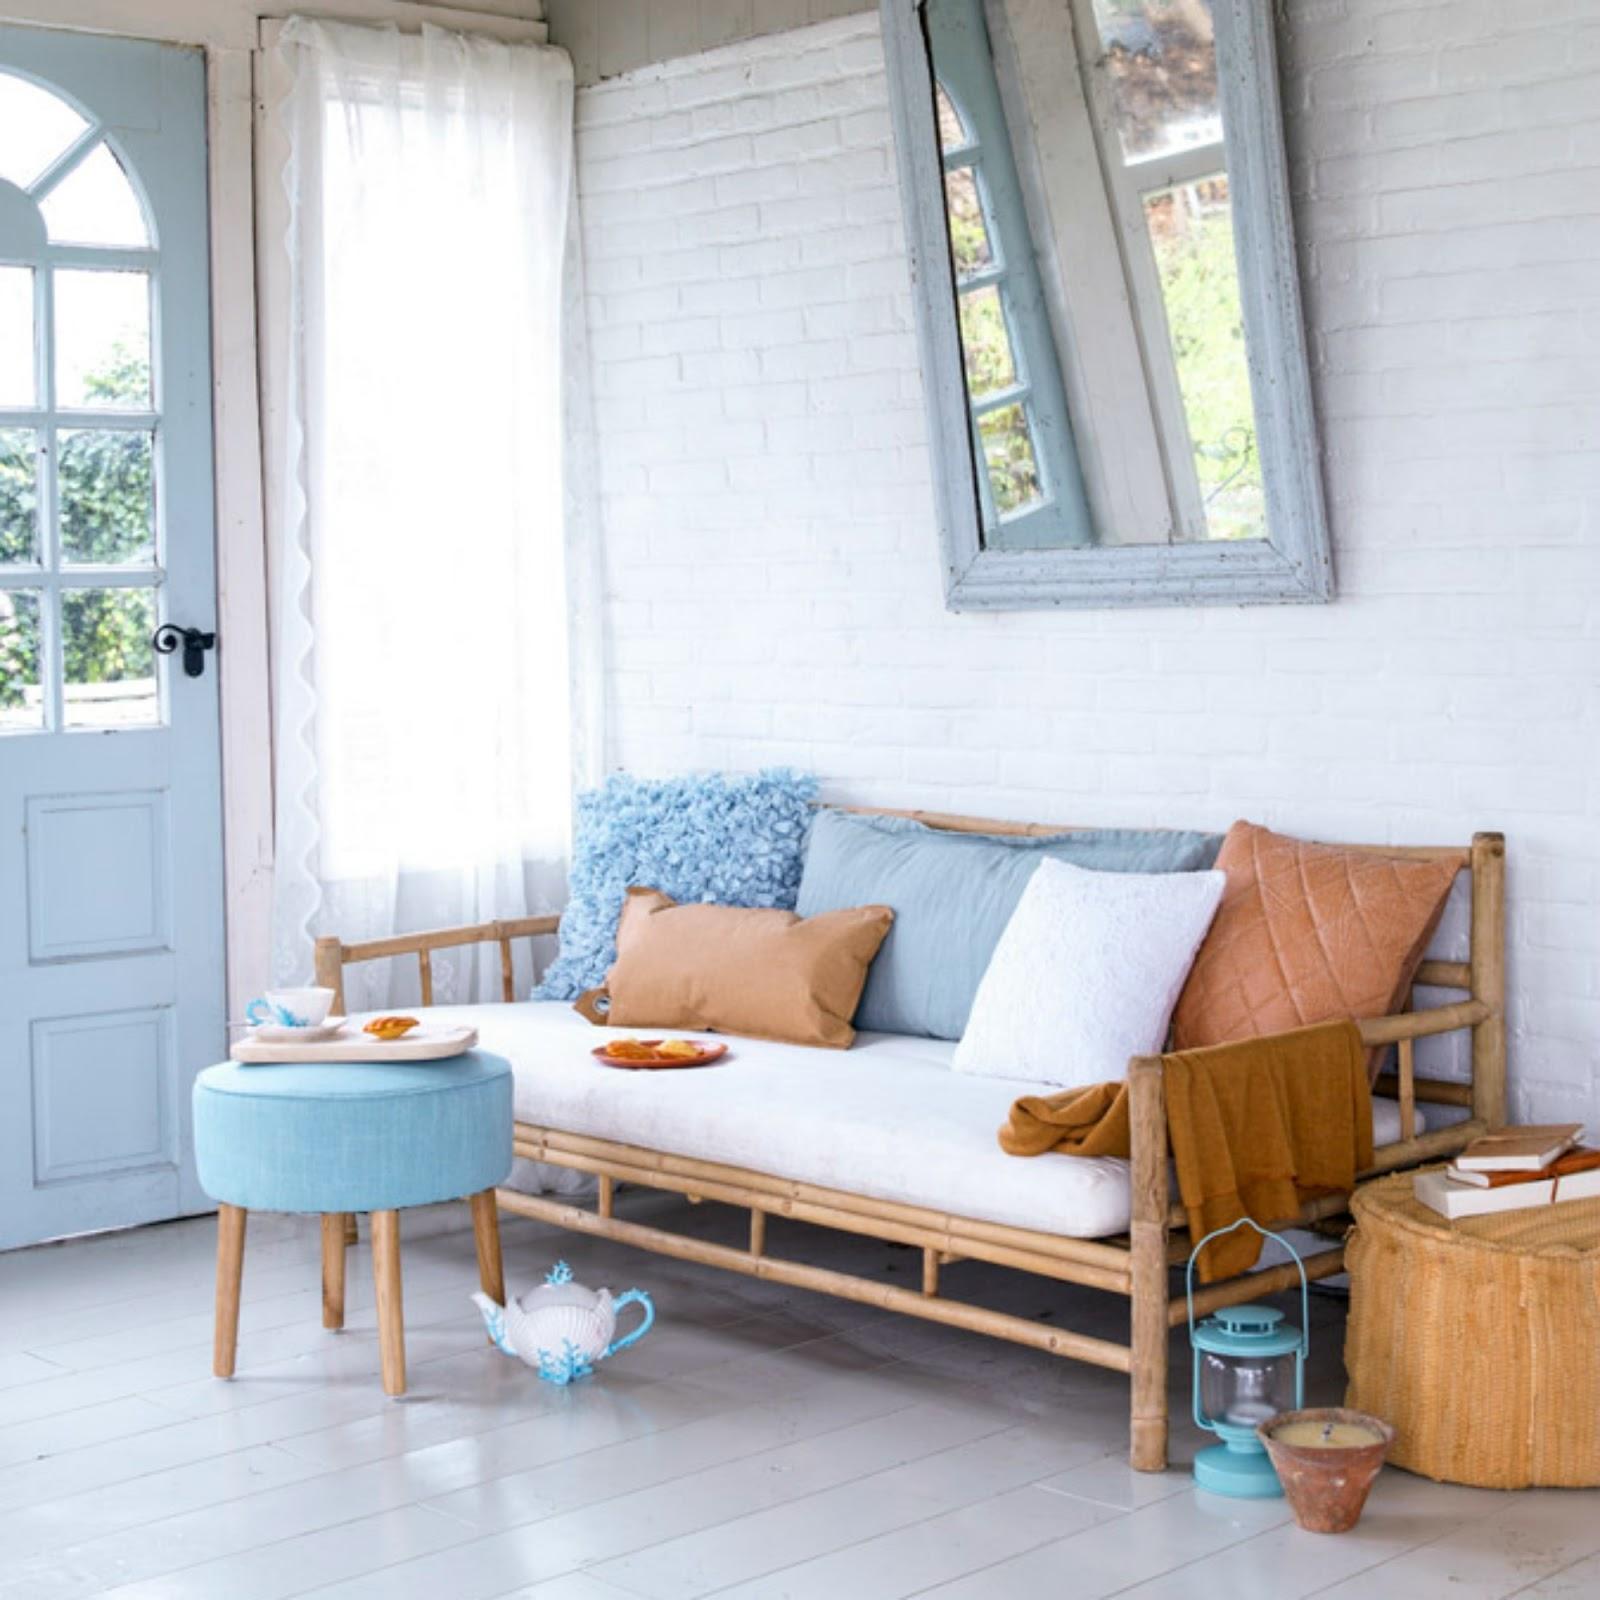 Decora tu casa con bajo presupuesto blog de bienes en for Objetos para decorar la casa